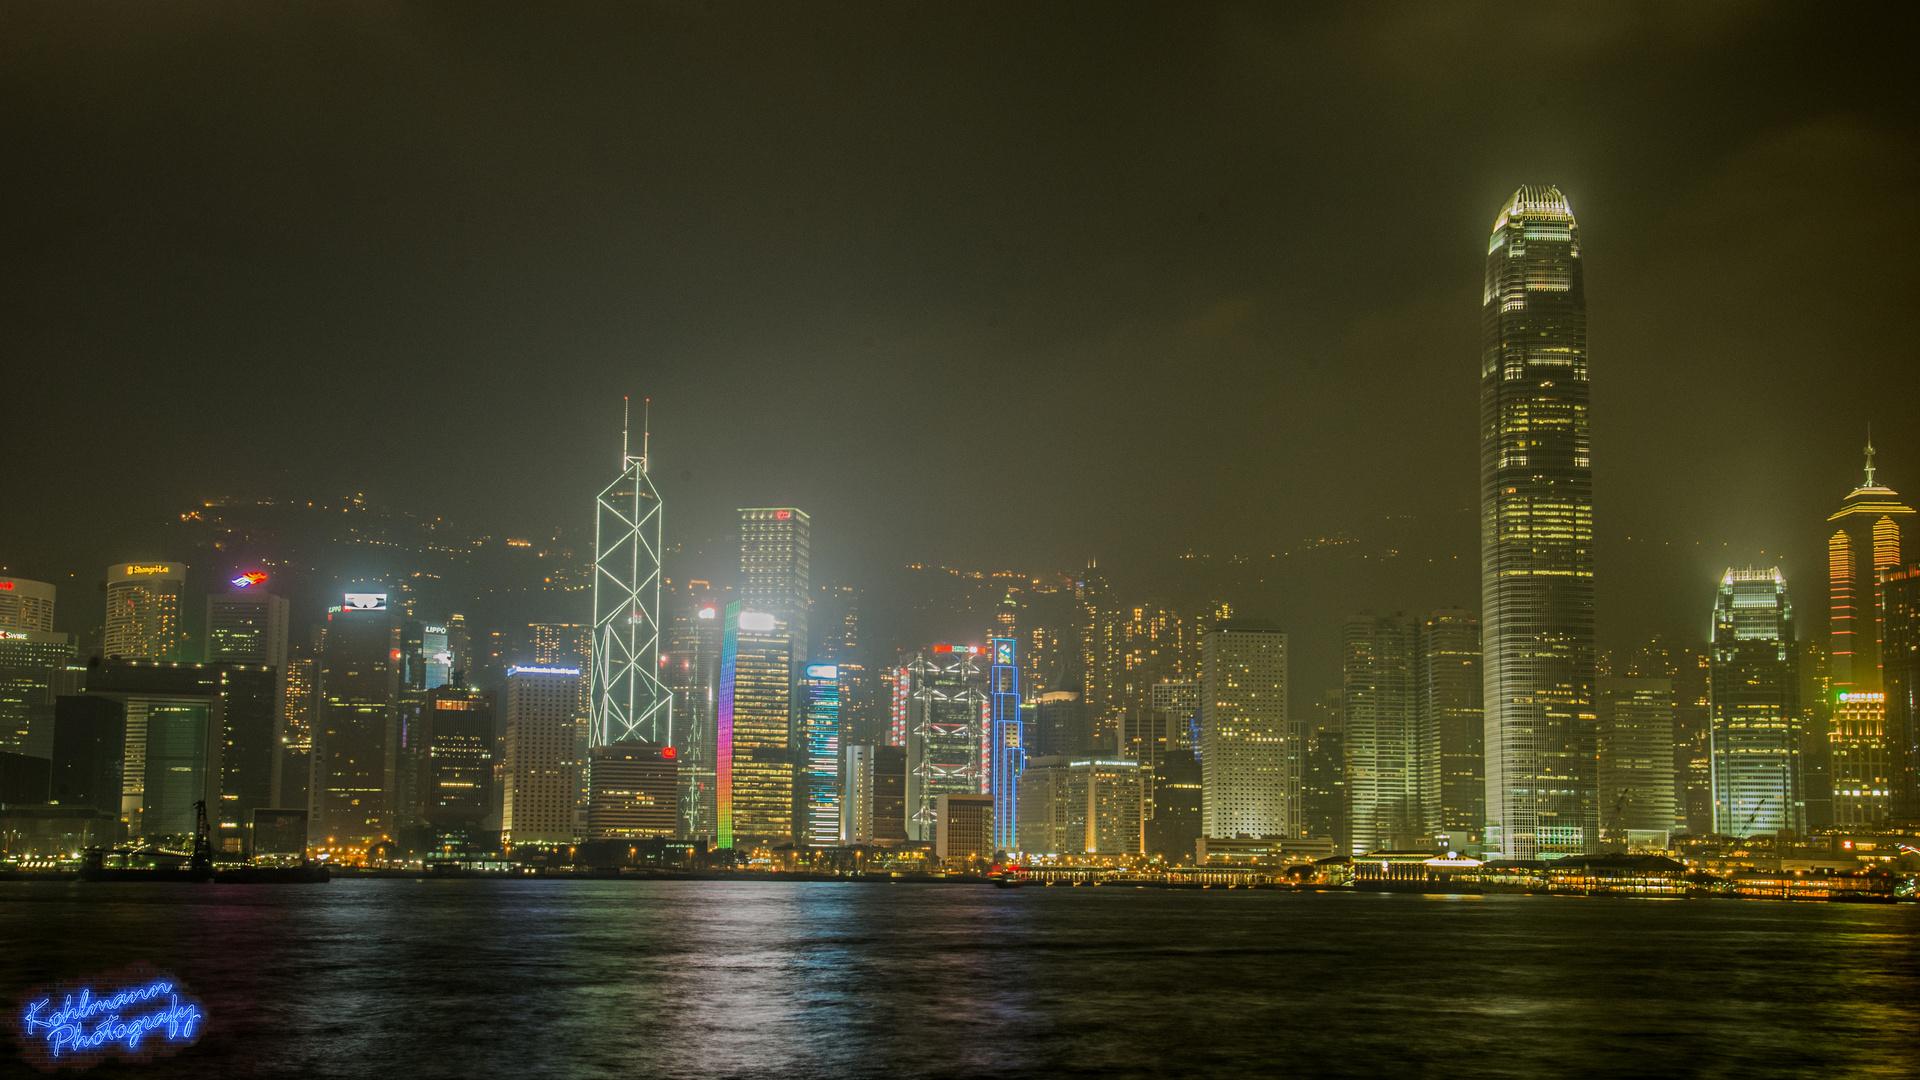 Skyline - Hongkong Central